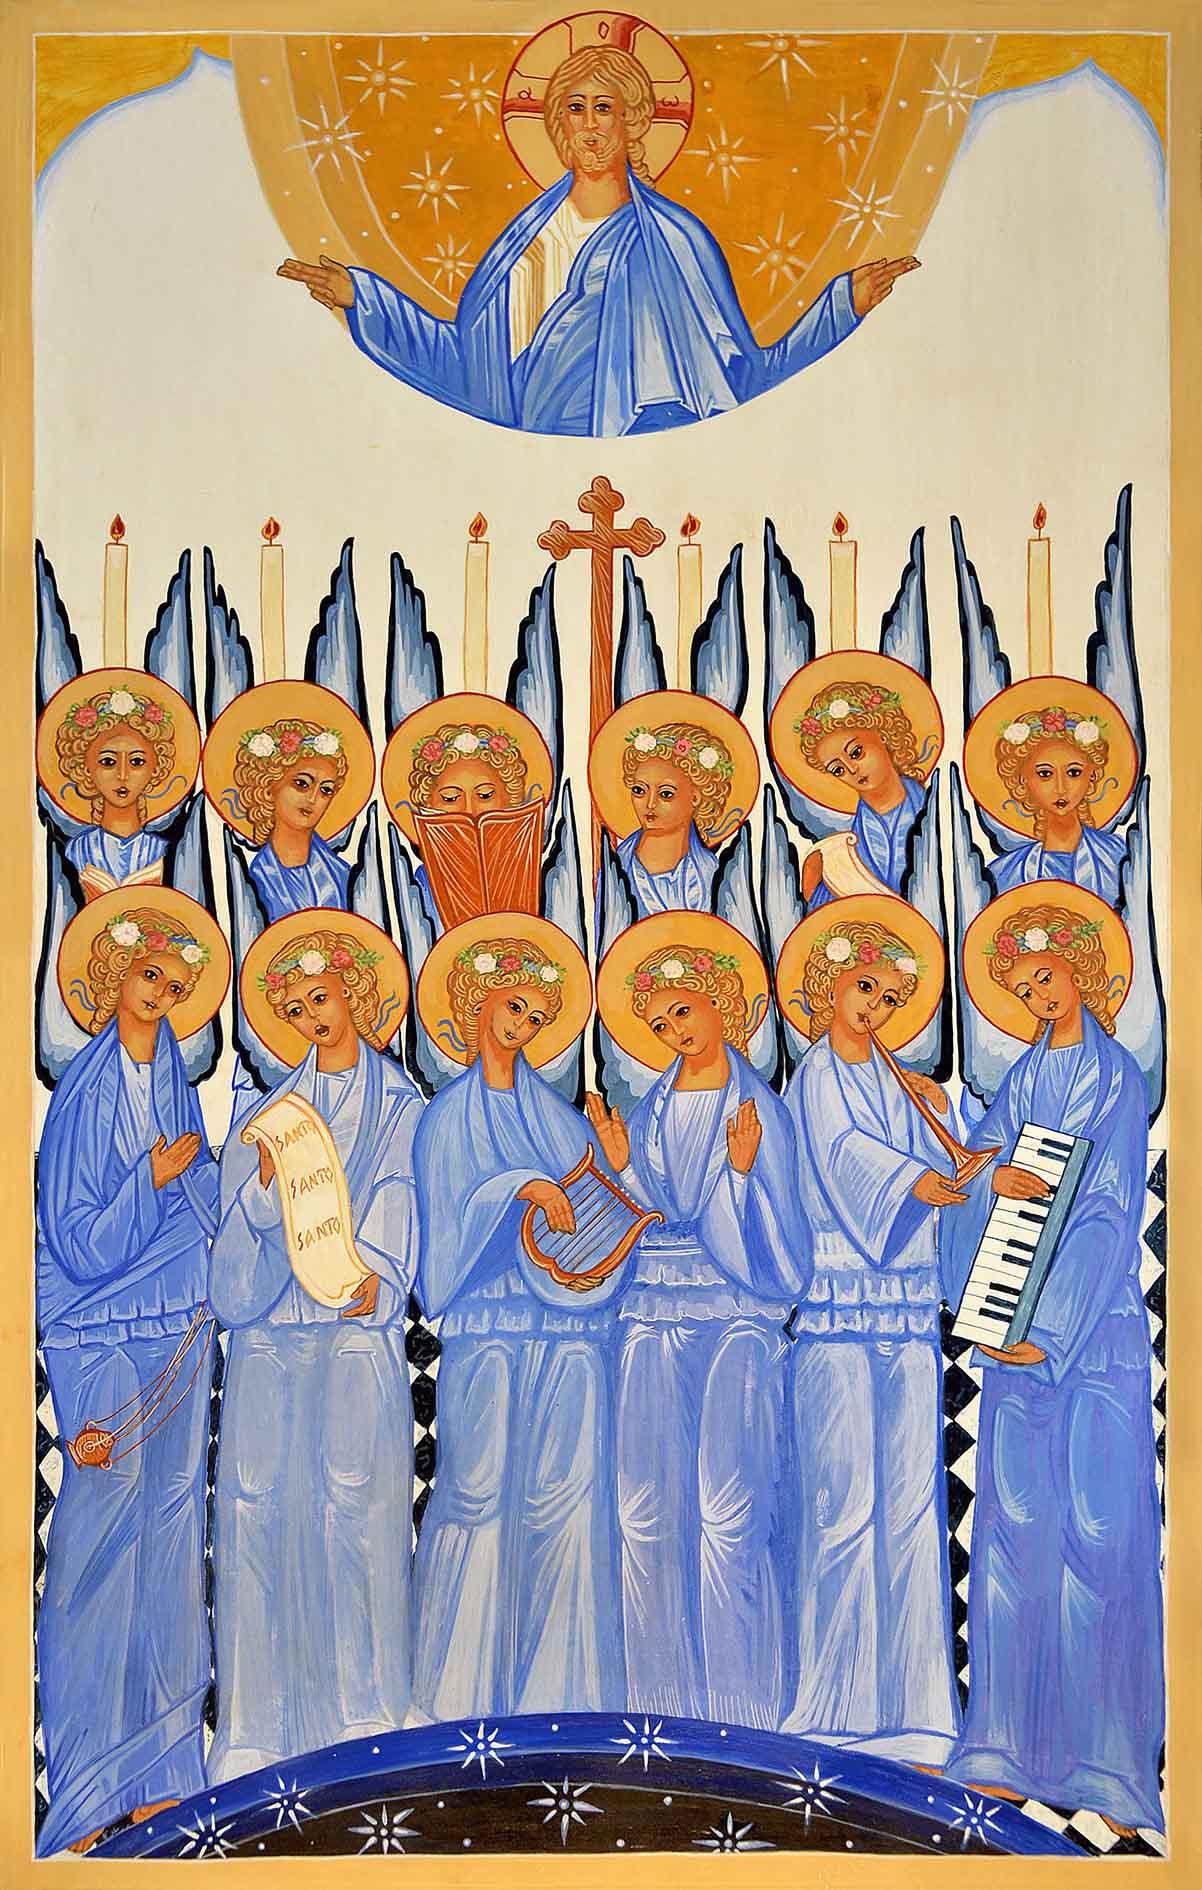 5 Coro di angeli